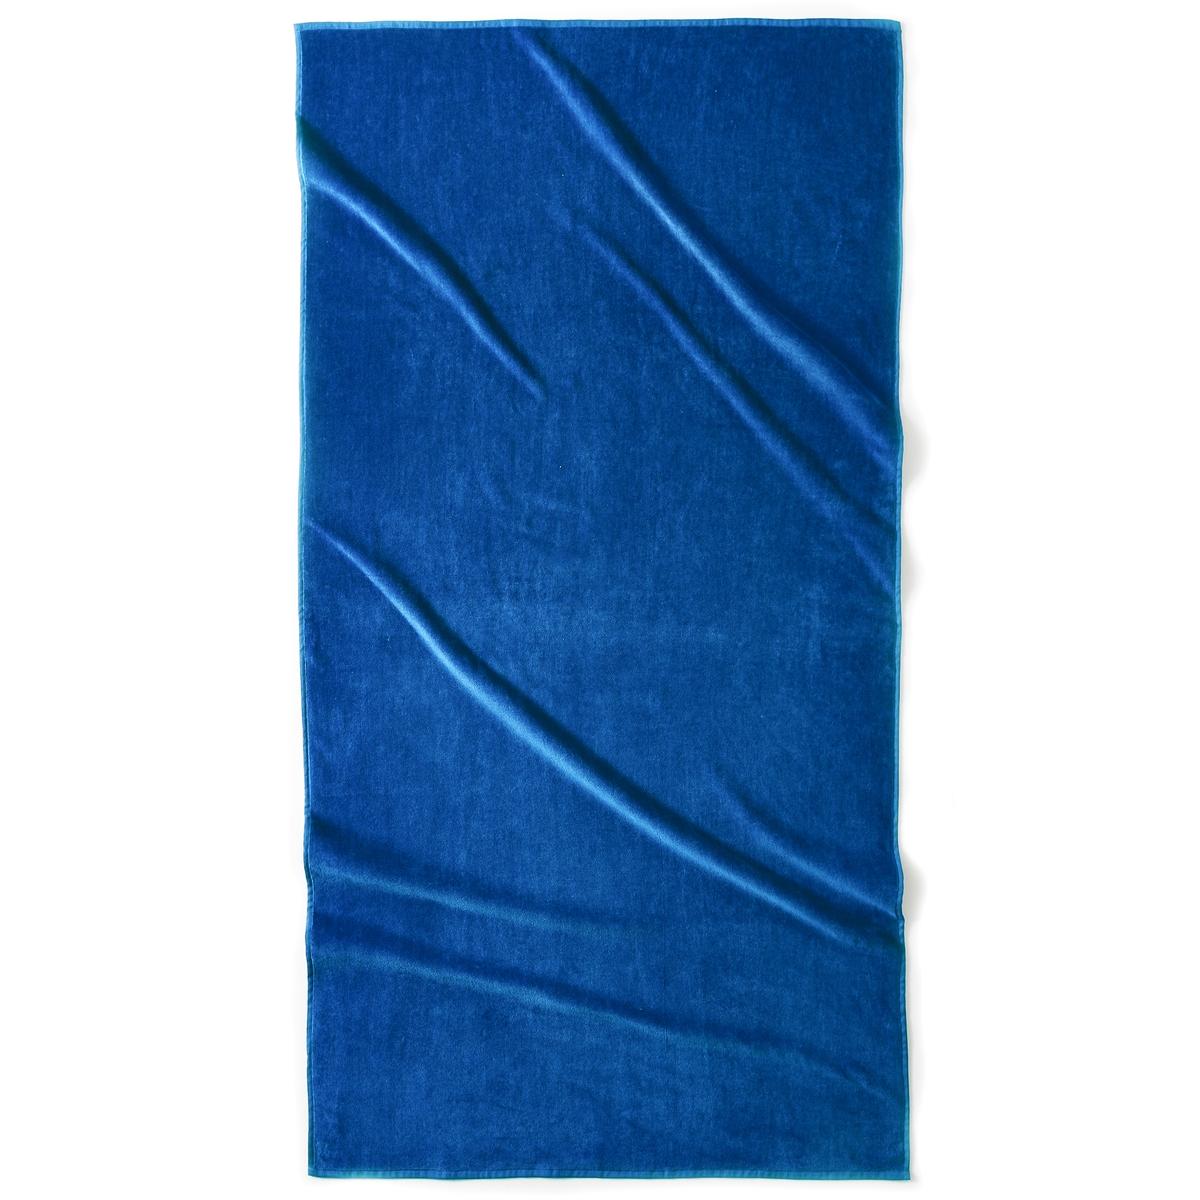 Полотенце пляжное ESTORILПляжное полотенце из 100% хлопка, 420 г/м?. 1 сторона из велюра, 1 сторона из махровой ткани. Размер полотенца: 90 x 175 см. Стирка при 40°.<br><br>Цвет: гренадин,зеленый анис,синий морской волны,темно-серый,фиолетовый